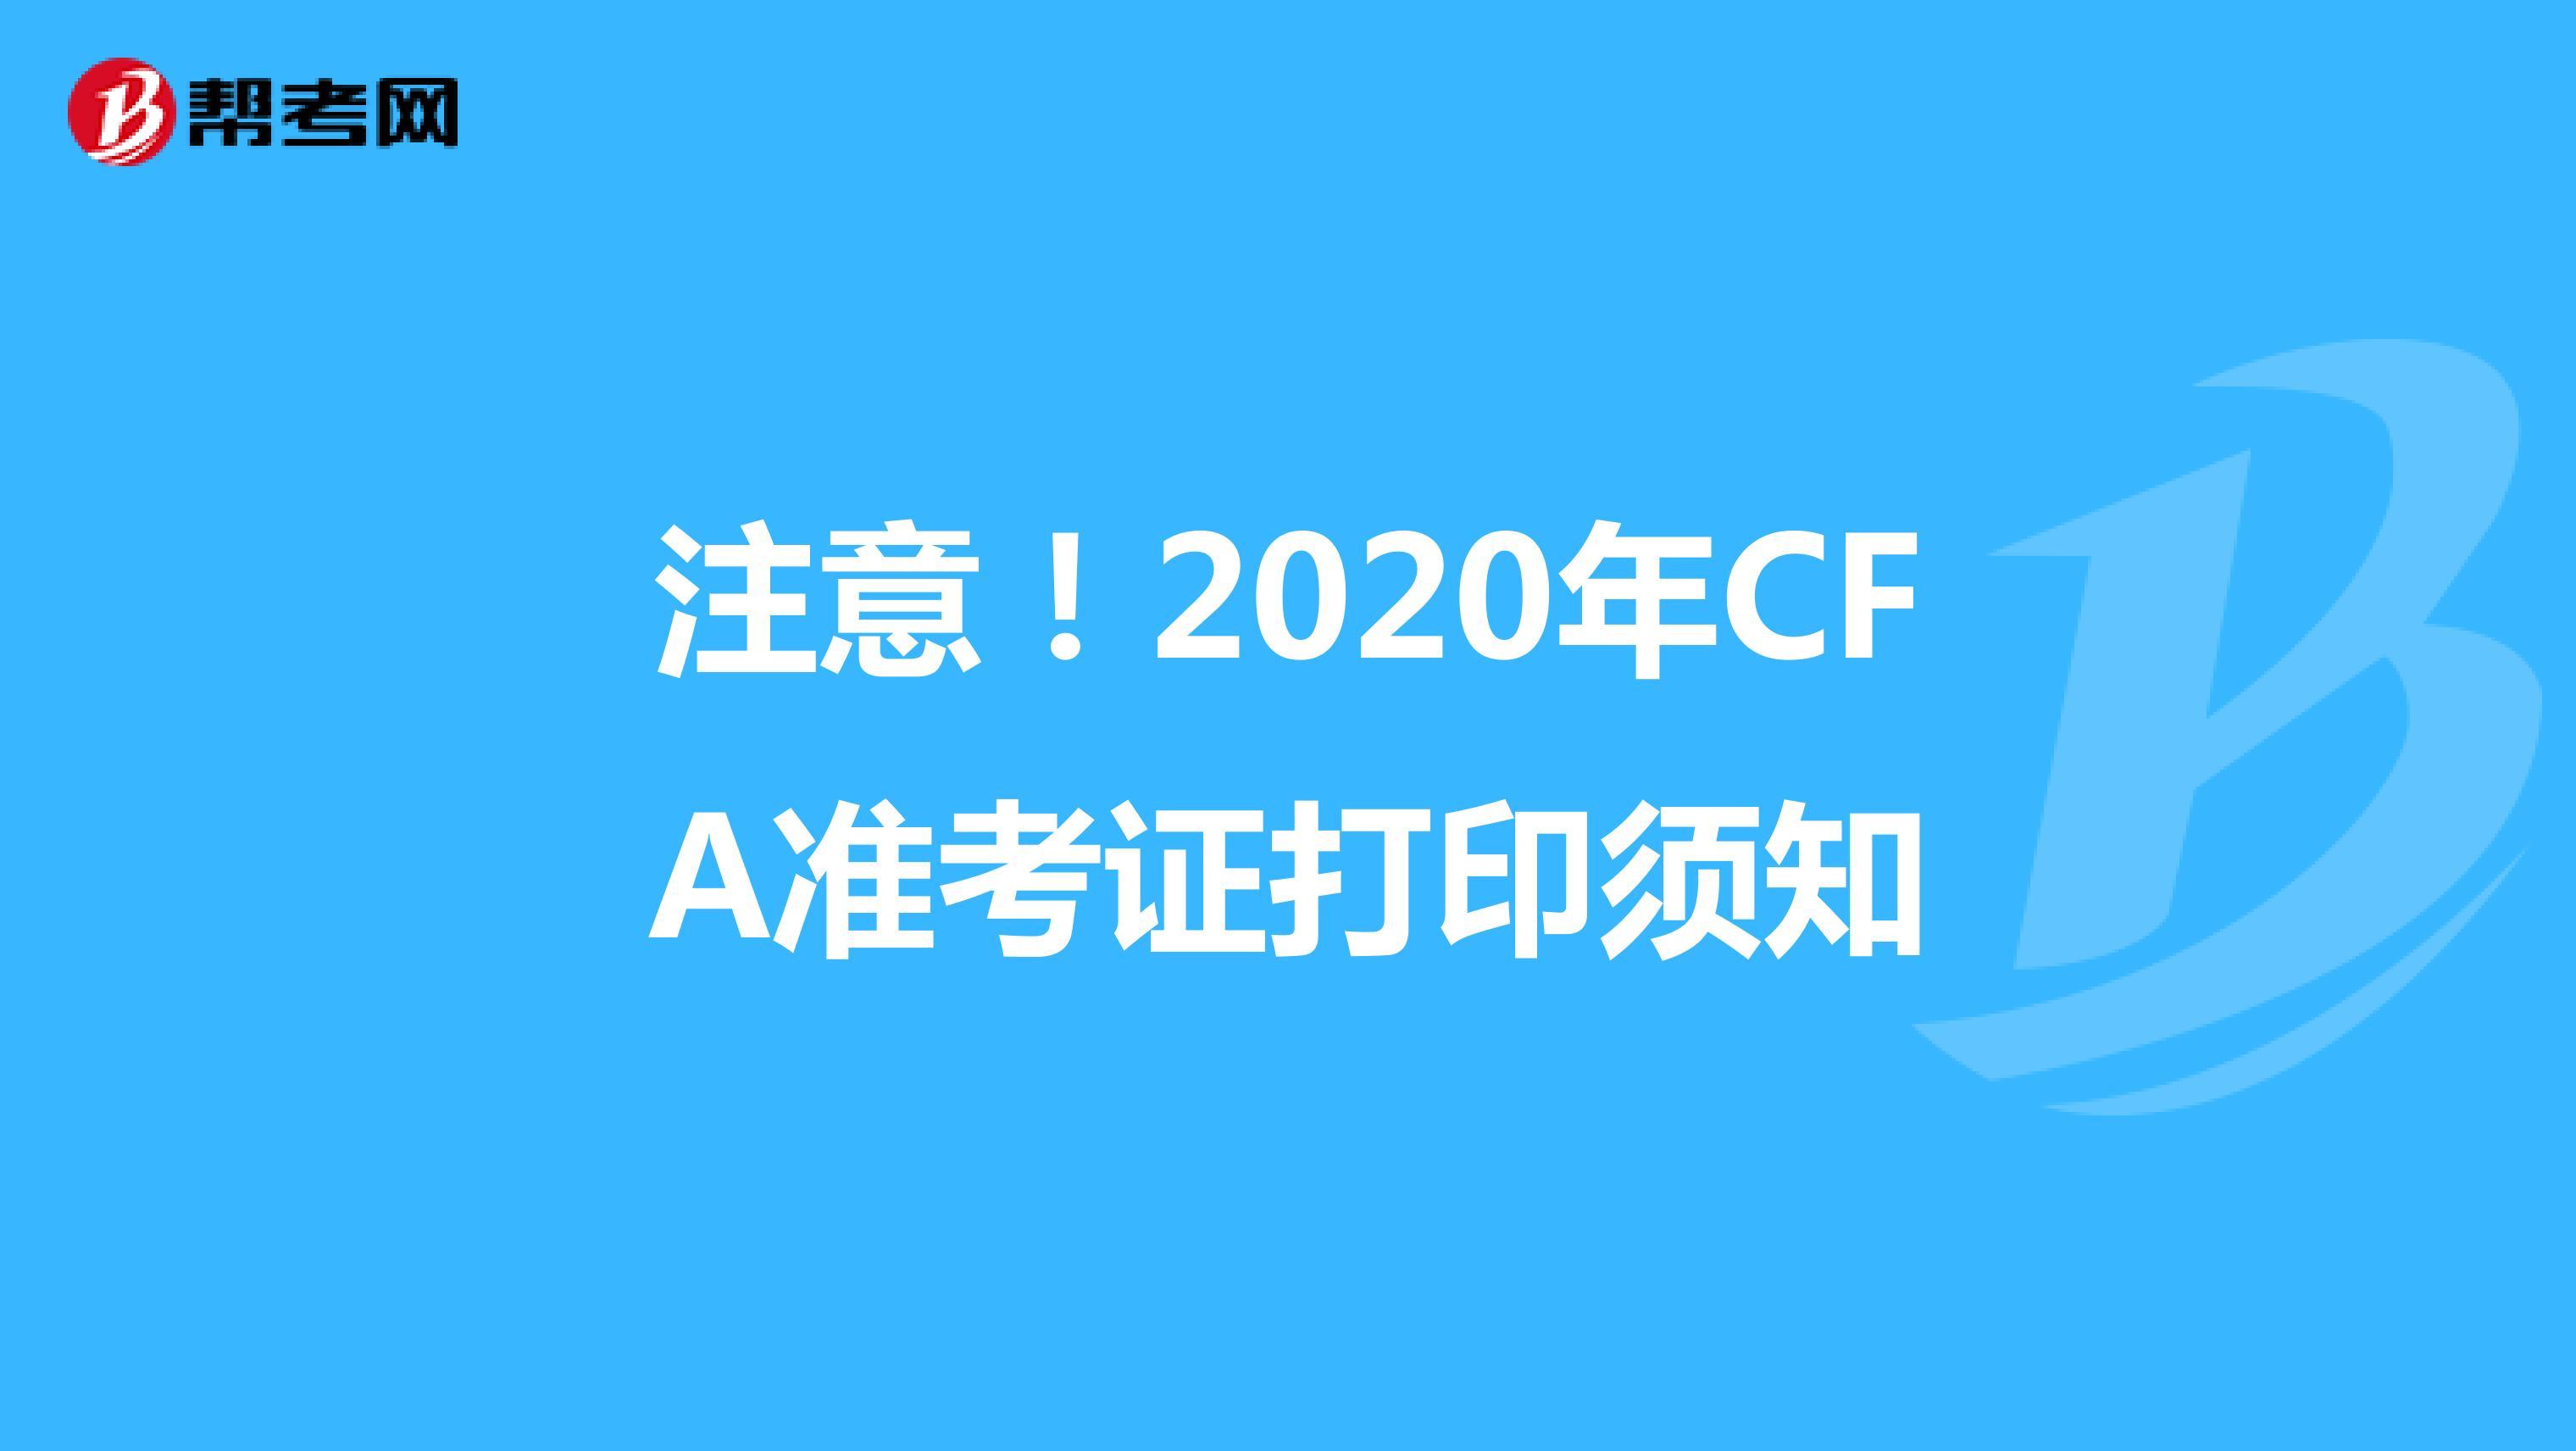 注意!2020年CFA准考证打印须知